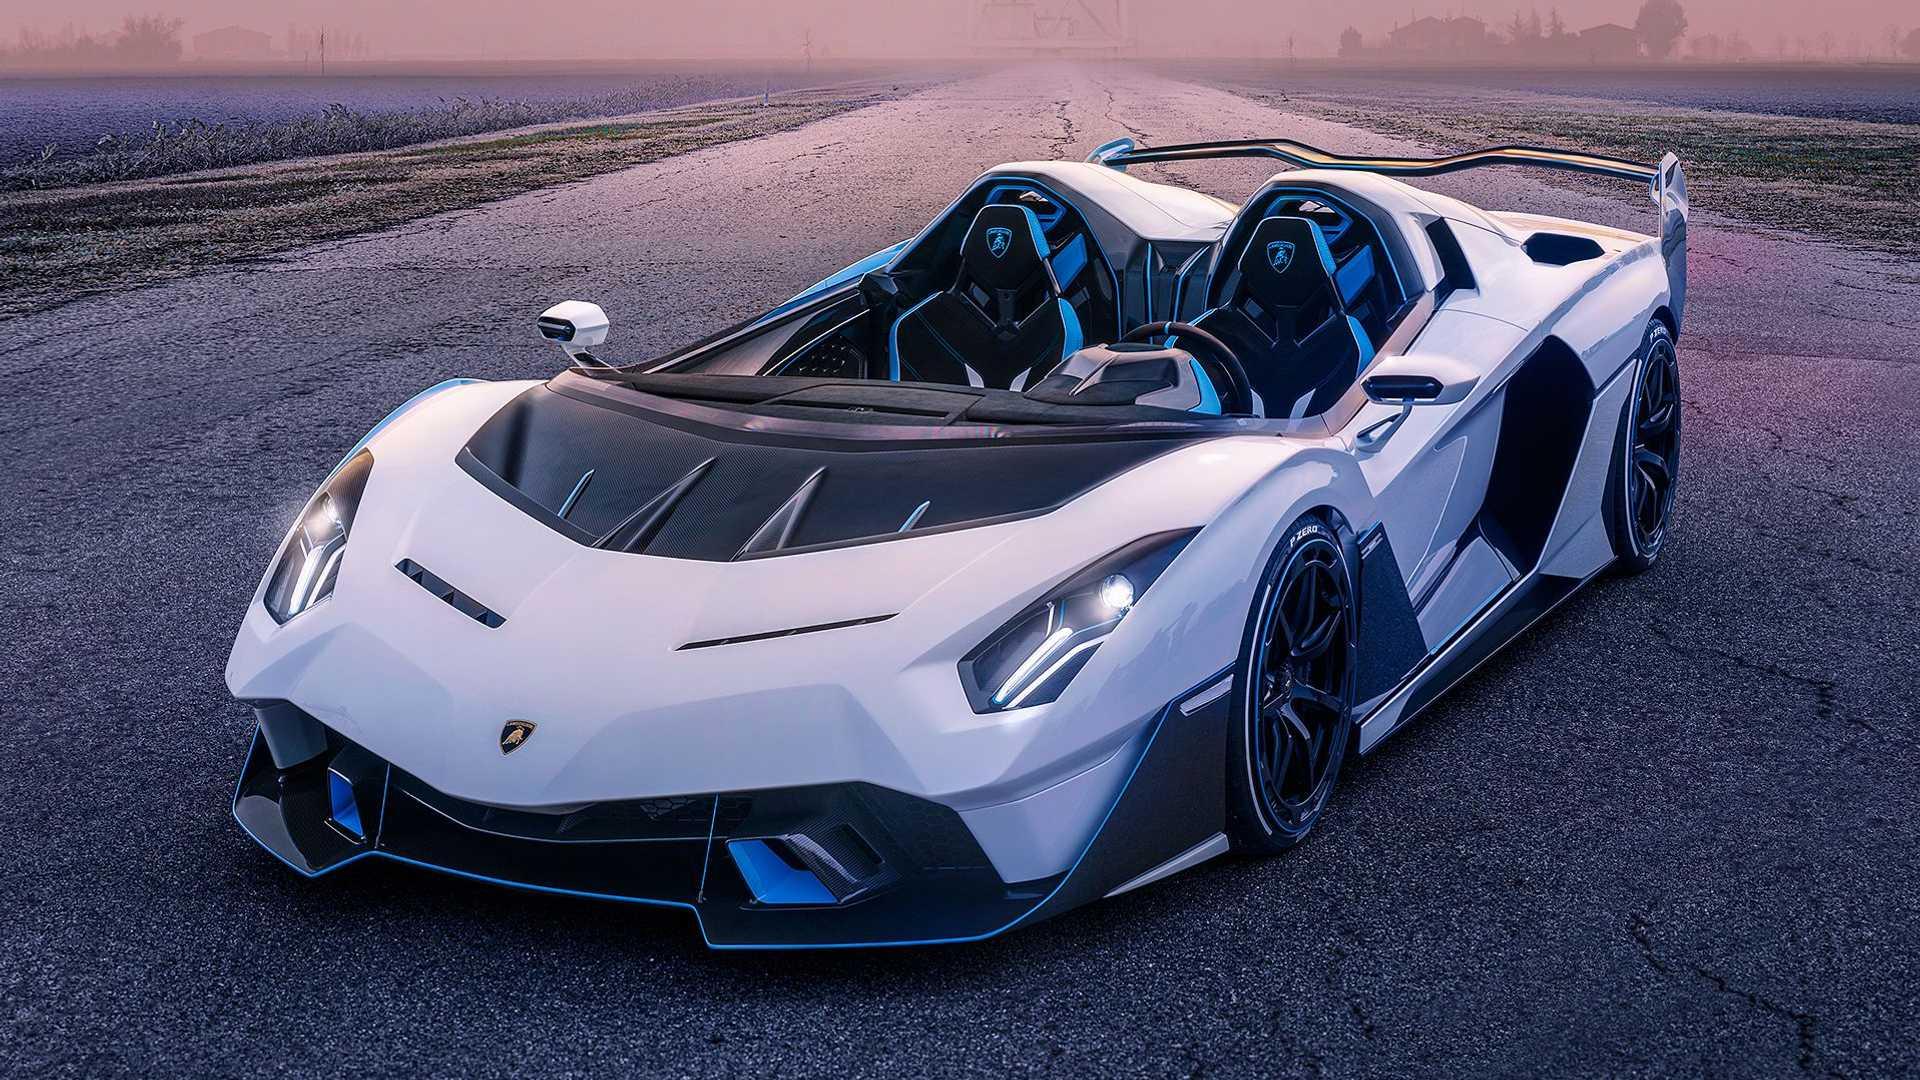 У Lamborghini появился собственный спидстер — единственный в своём роде